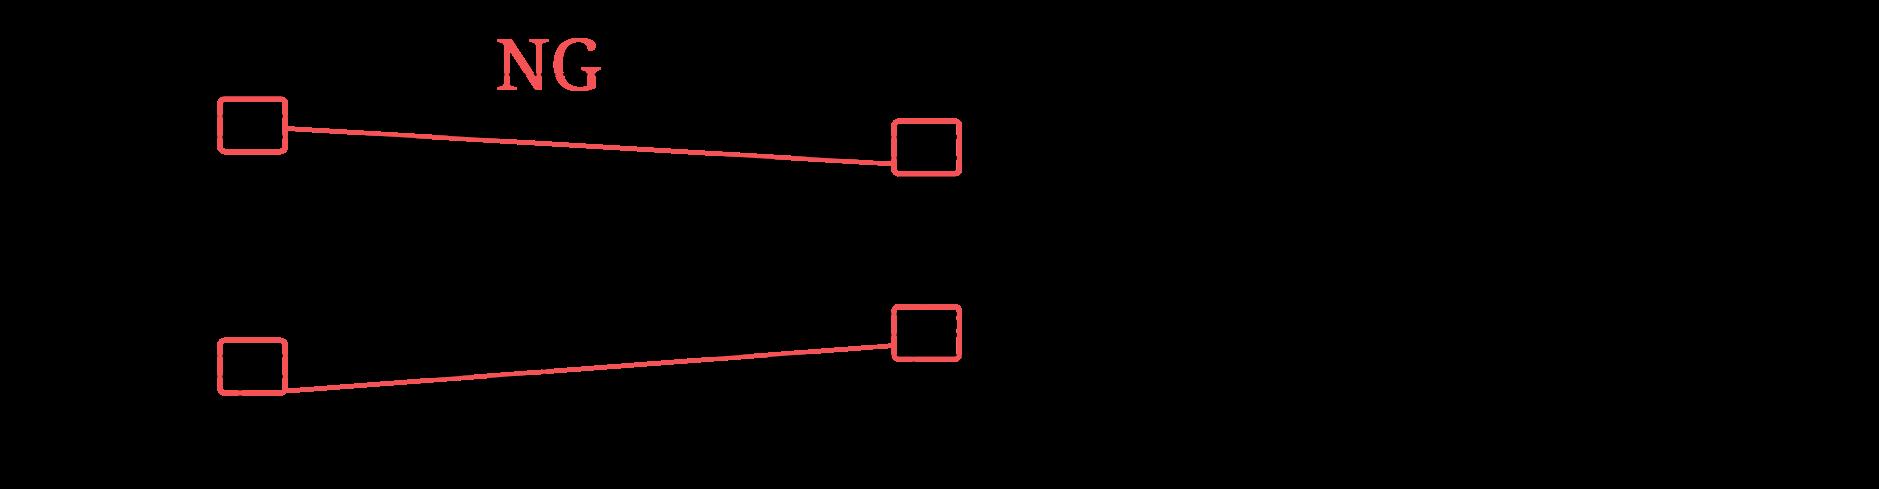 平行音程NG例